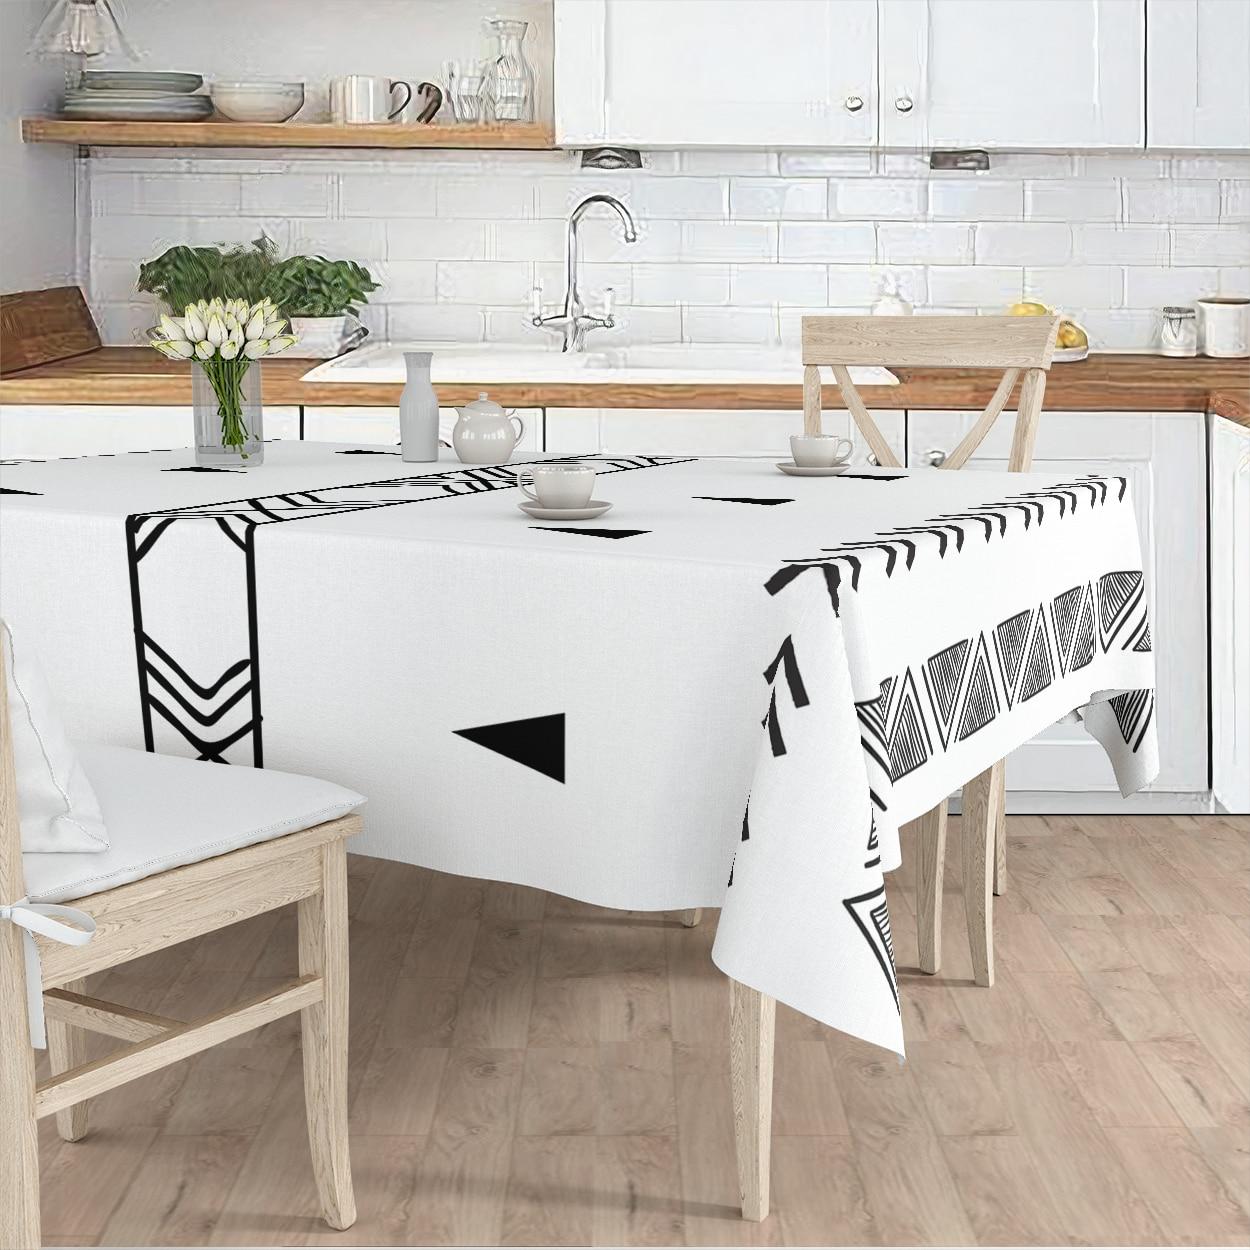 مفرش المائدة غرفة المعيشة المطبخ أبيض أسود العرقية منقوشة مايكرو غطاء من القماش عداء نمط شحن مجاني